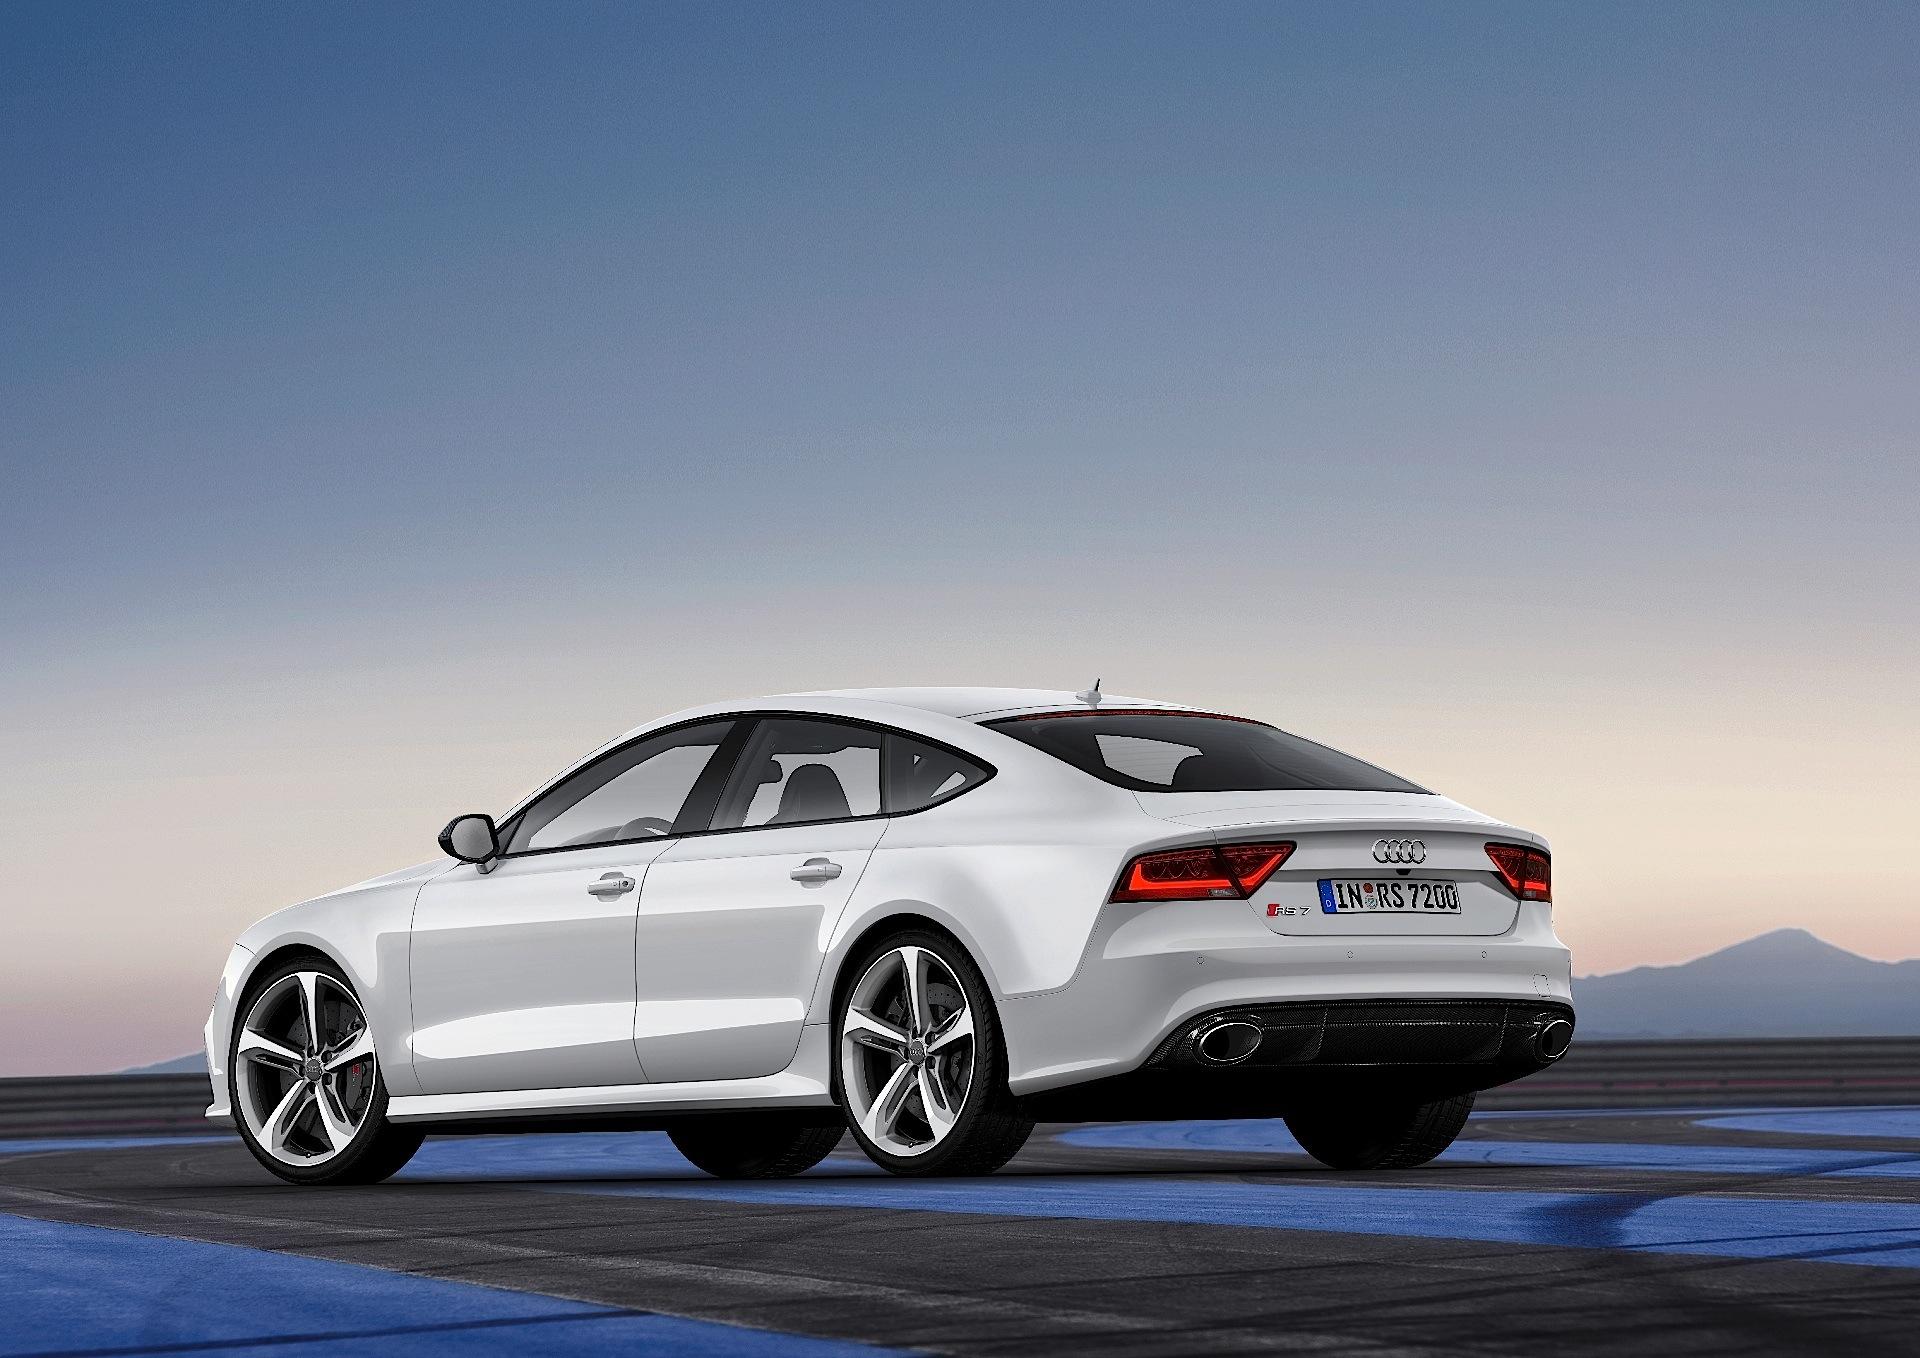 Audi rs7 horsepower 2014 13